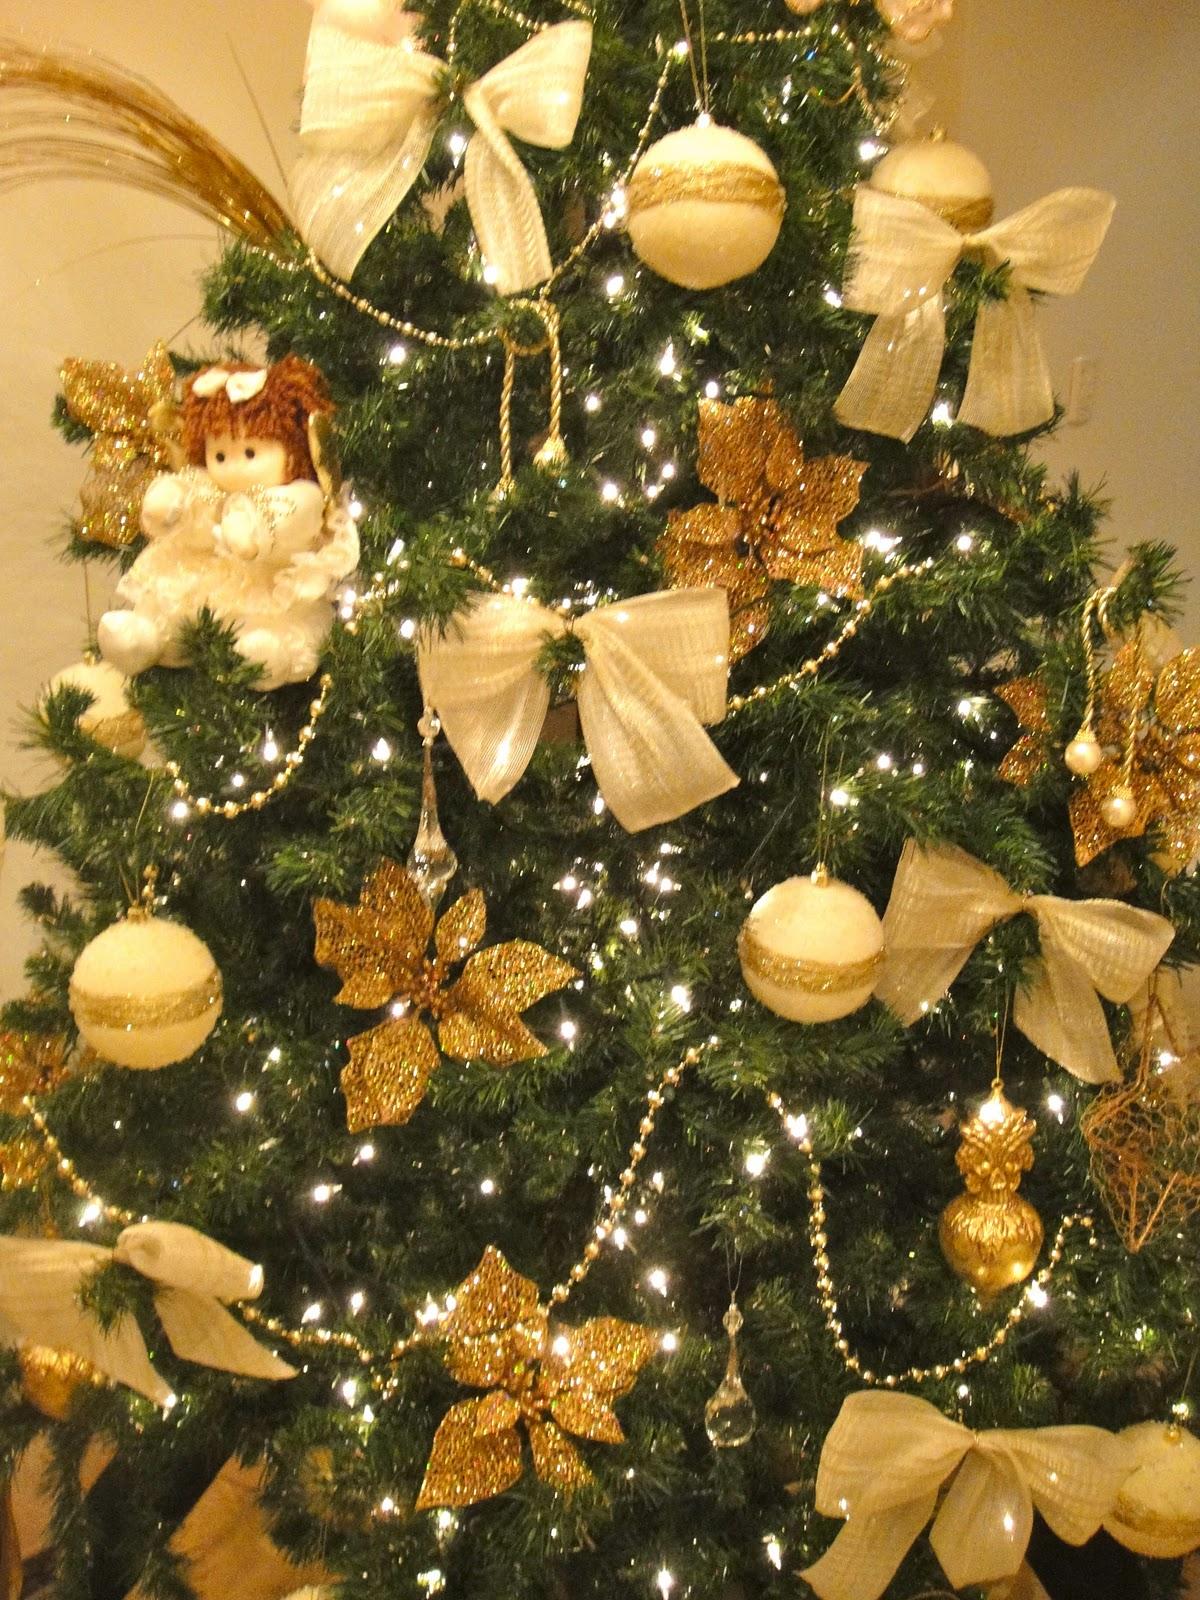 decoracao arvore de natal vermelha e dourada:, laço de fita, estrelas, bolas de veludo dourado e branco, fio de